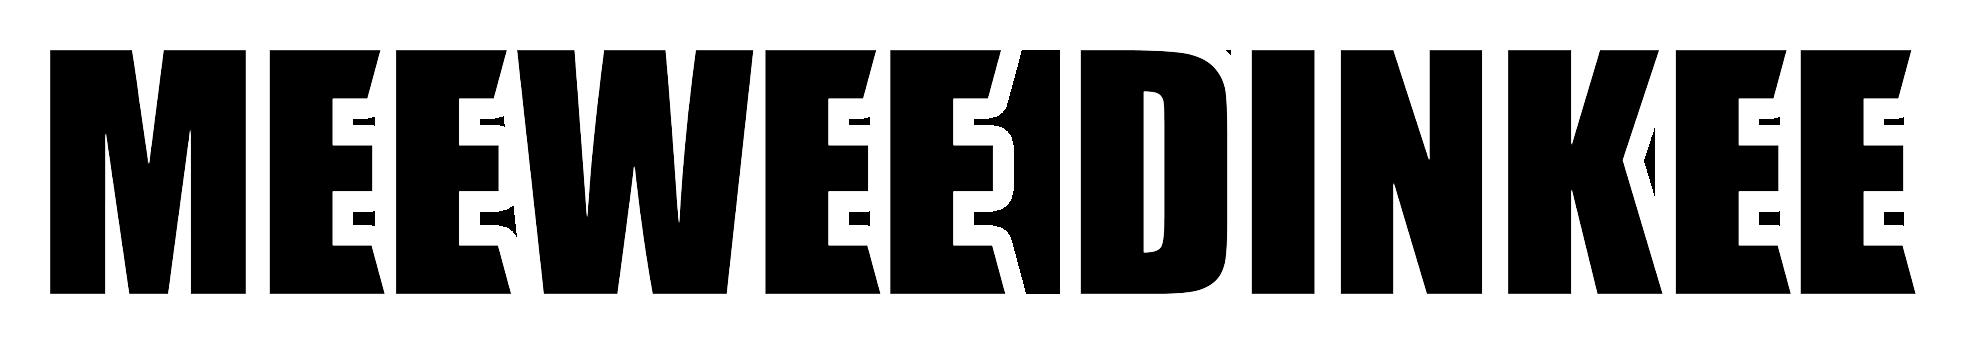 meewee-dinkee